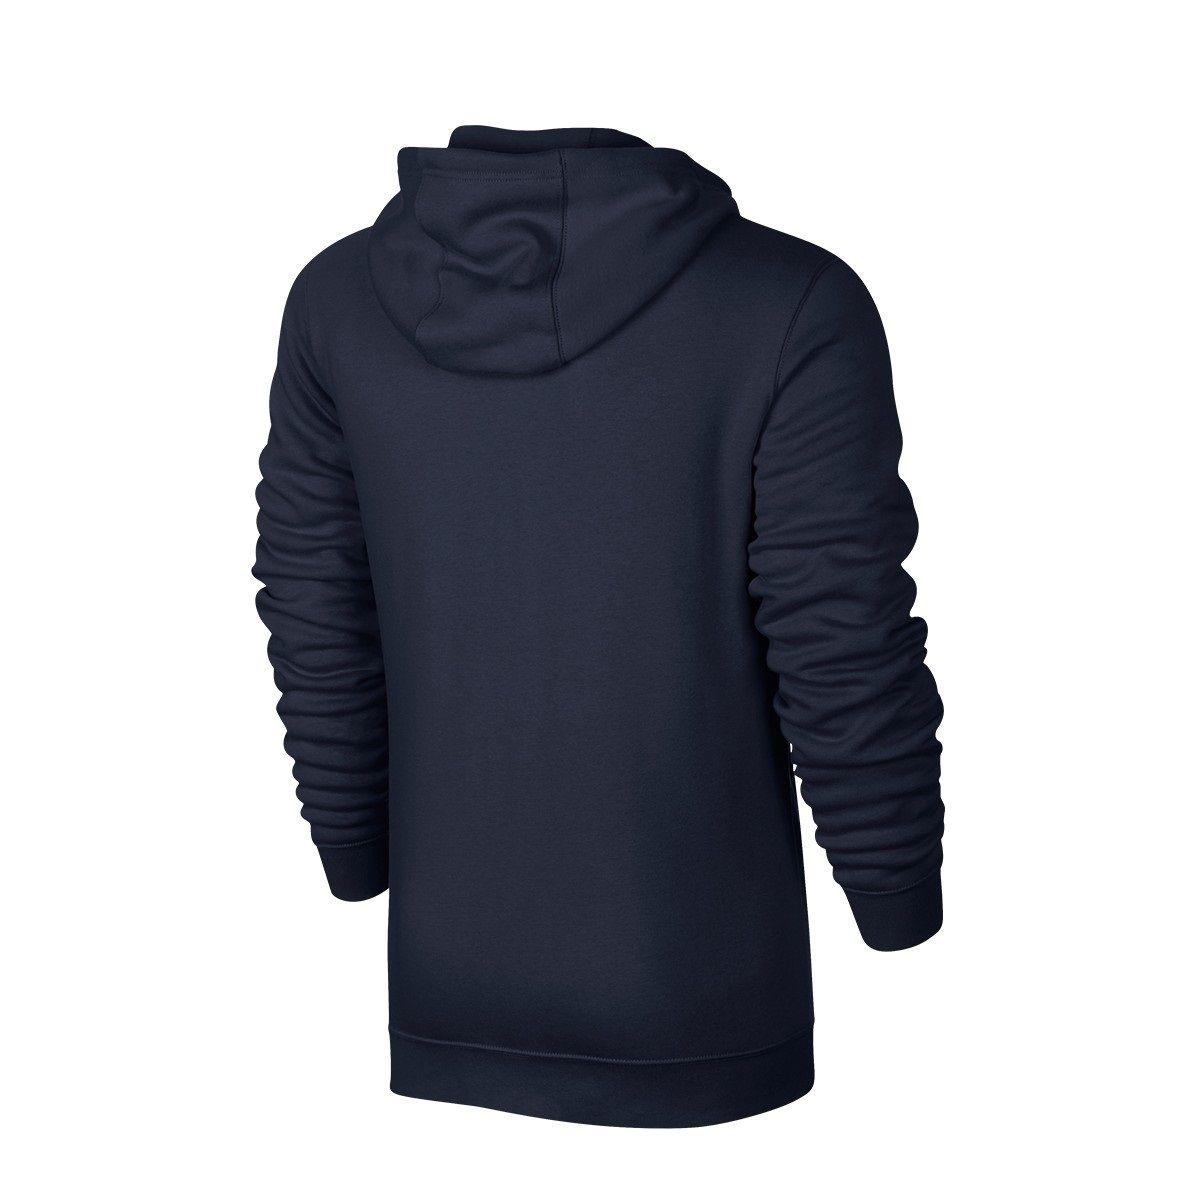 Nike Mens Club Zip Up Track Top Hoodie Black Grey Navy